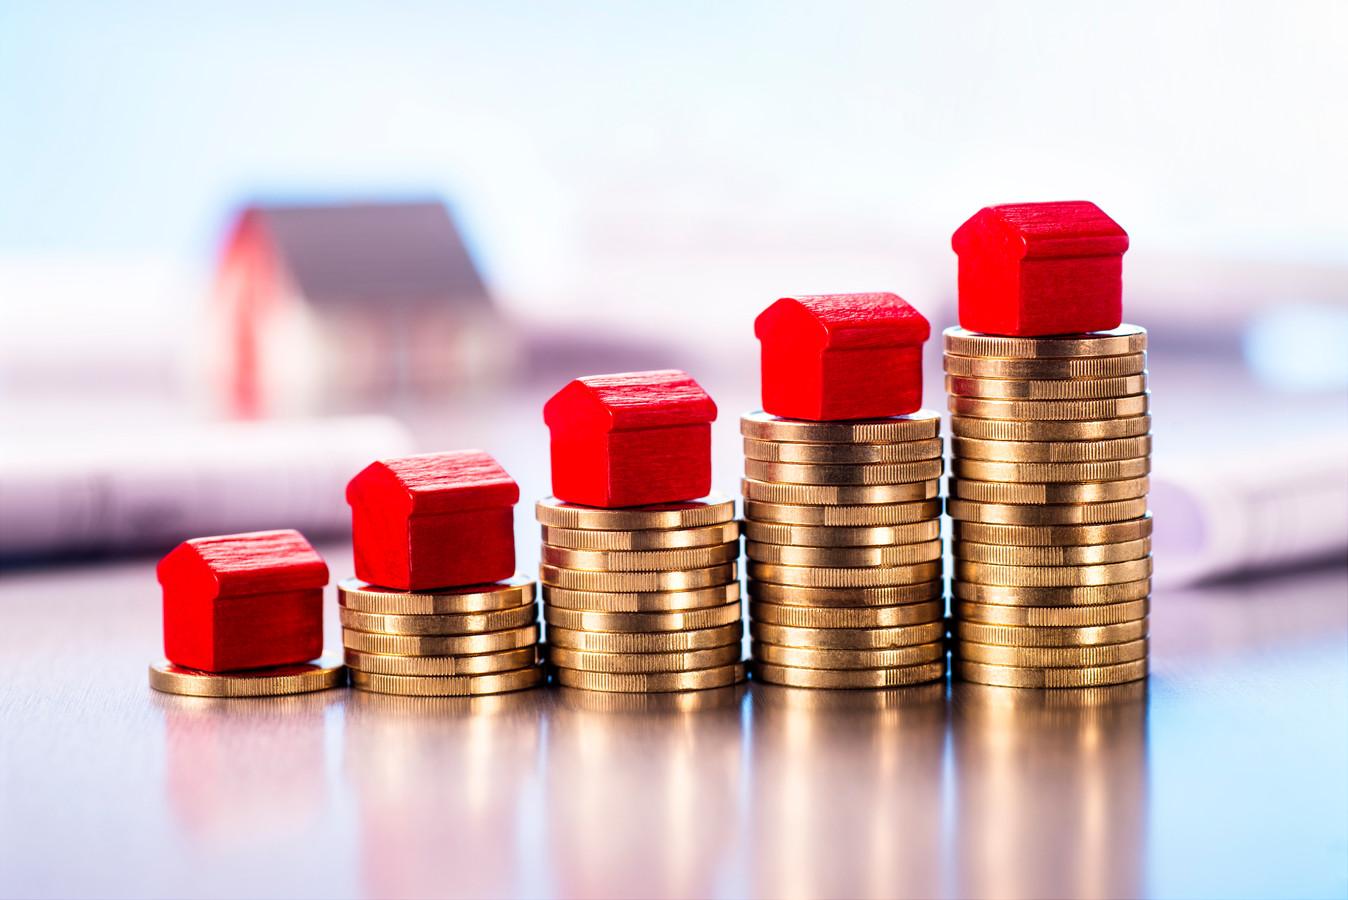 Blijven de huizenprijzen stijgen? Het is mogelijk, volgens Rabobank. ING gelooft er niet in.